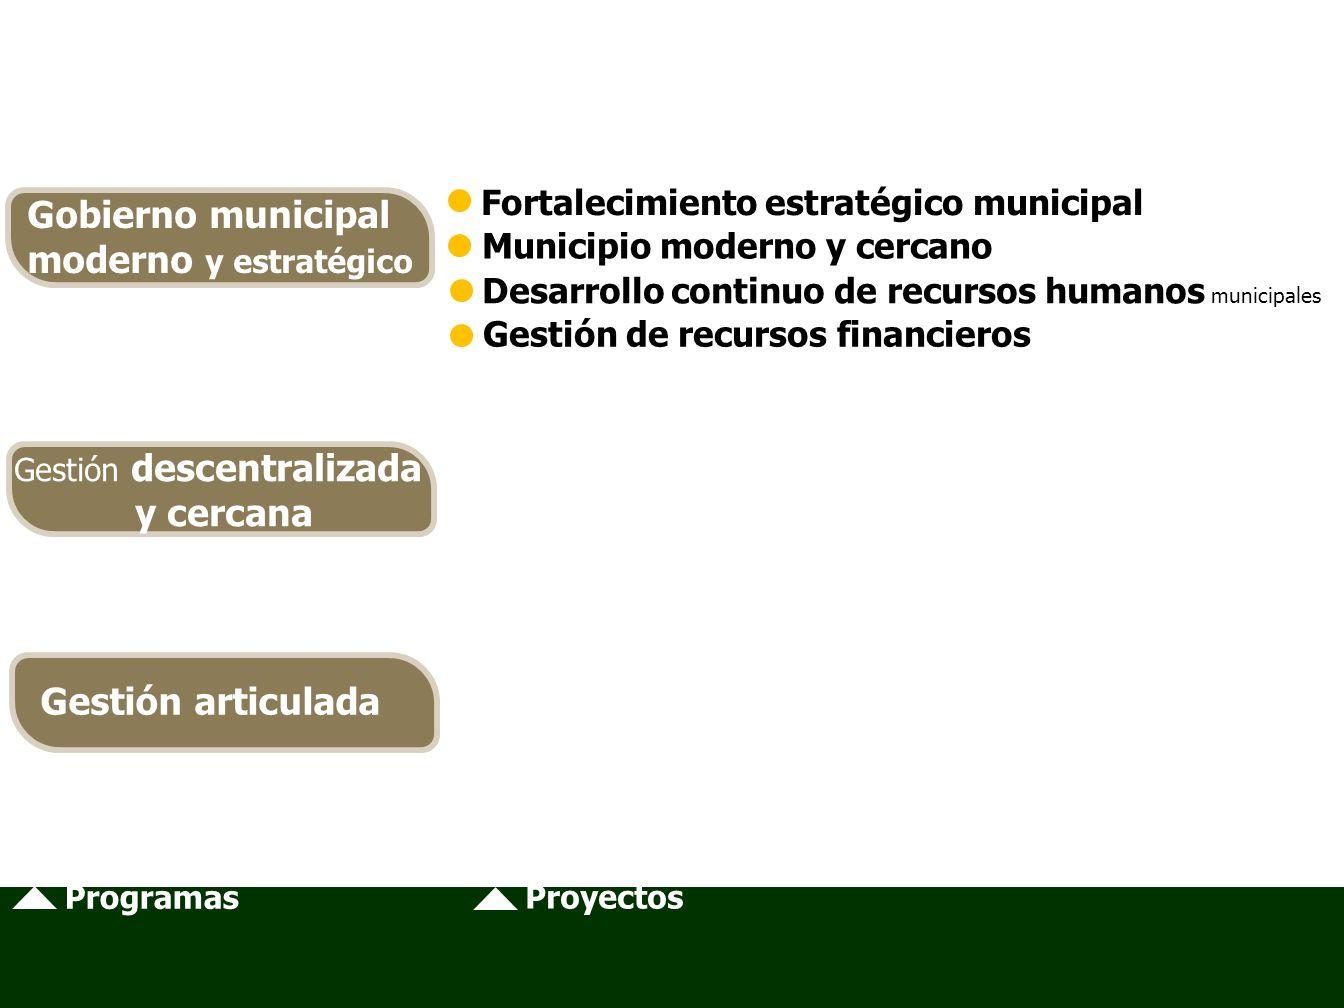 Programas Proyectos Fortalecimiento estratégico municipal Municipio moderno y cercano Desarrollo continuo de recursos humanos municipales Gestión de recursos financieros Gobierno municipal moderno y estratégico Gestión descentralizada y cercana Gestión articulada